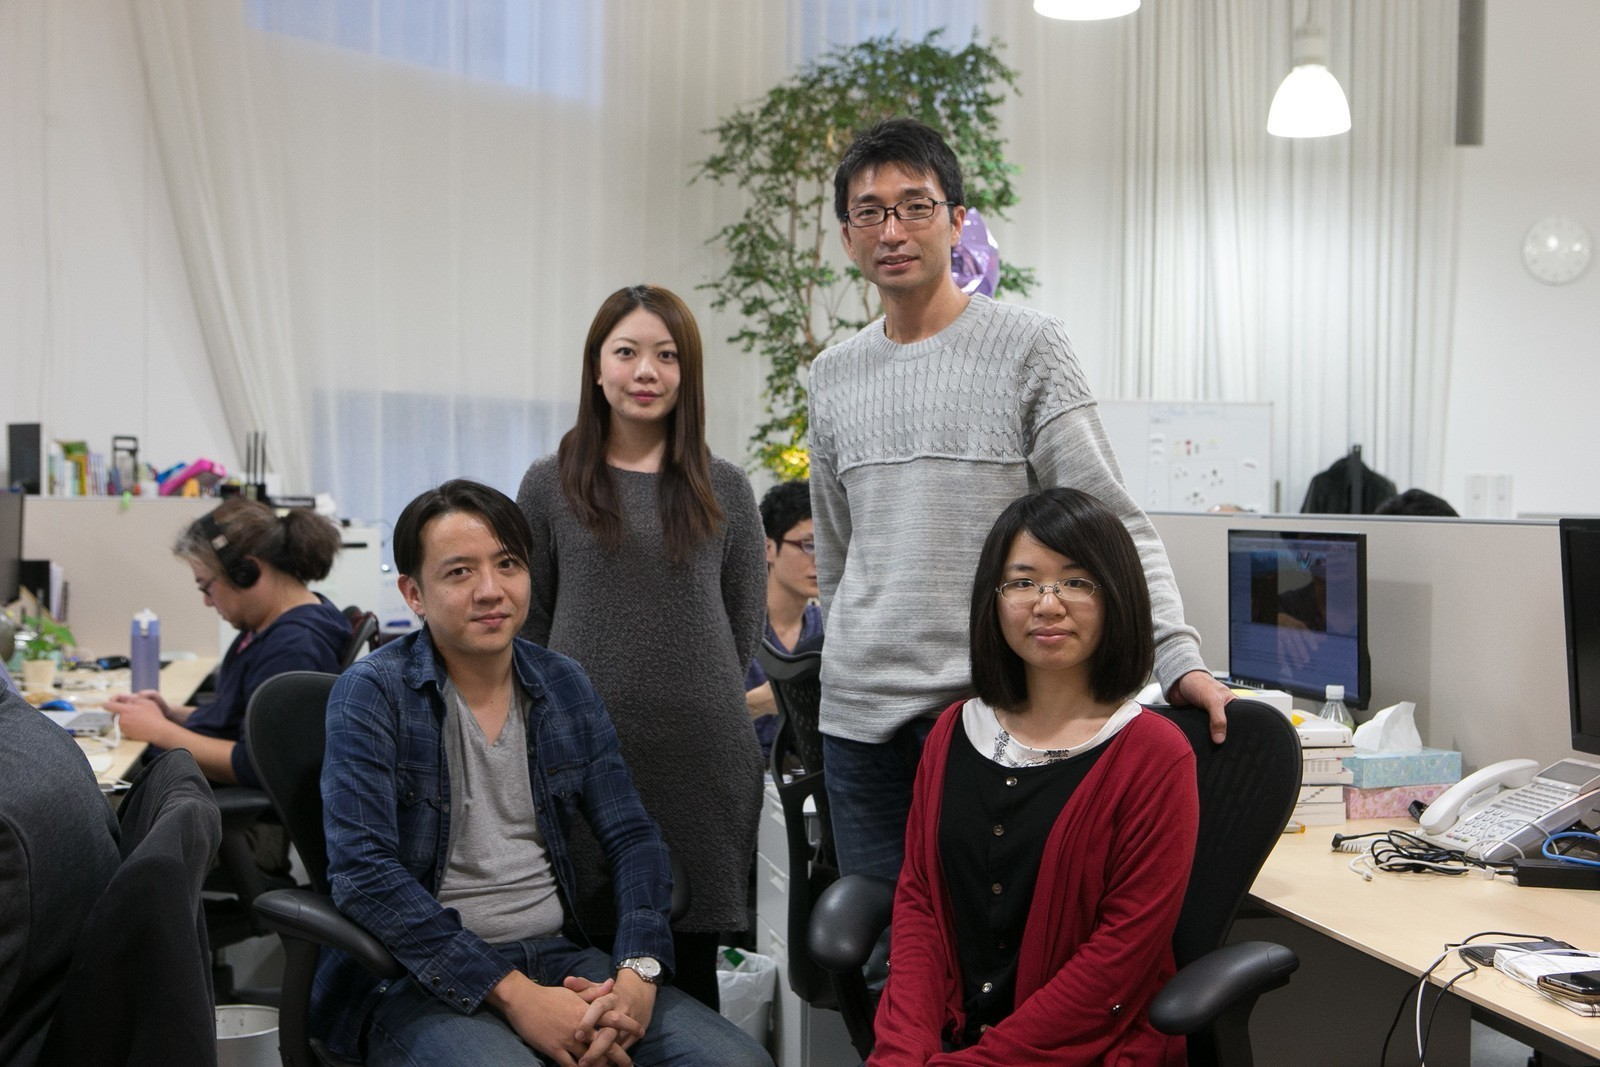 3Dアクションゲーム(新規タイトル)を開発するUnity(C#)エンジニアを募集!